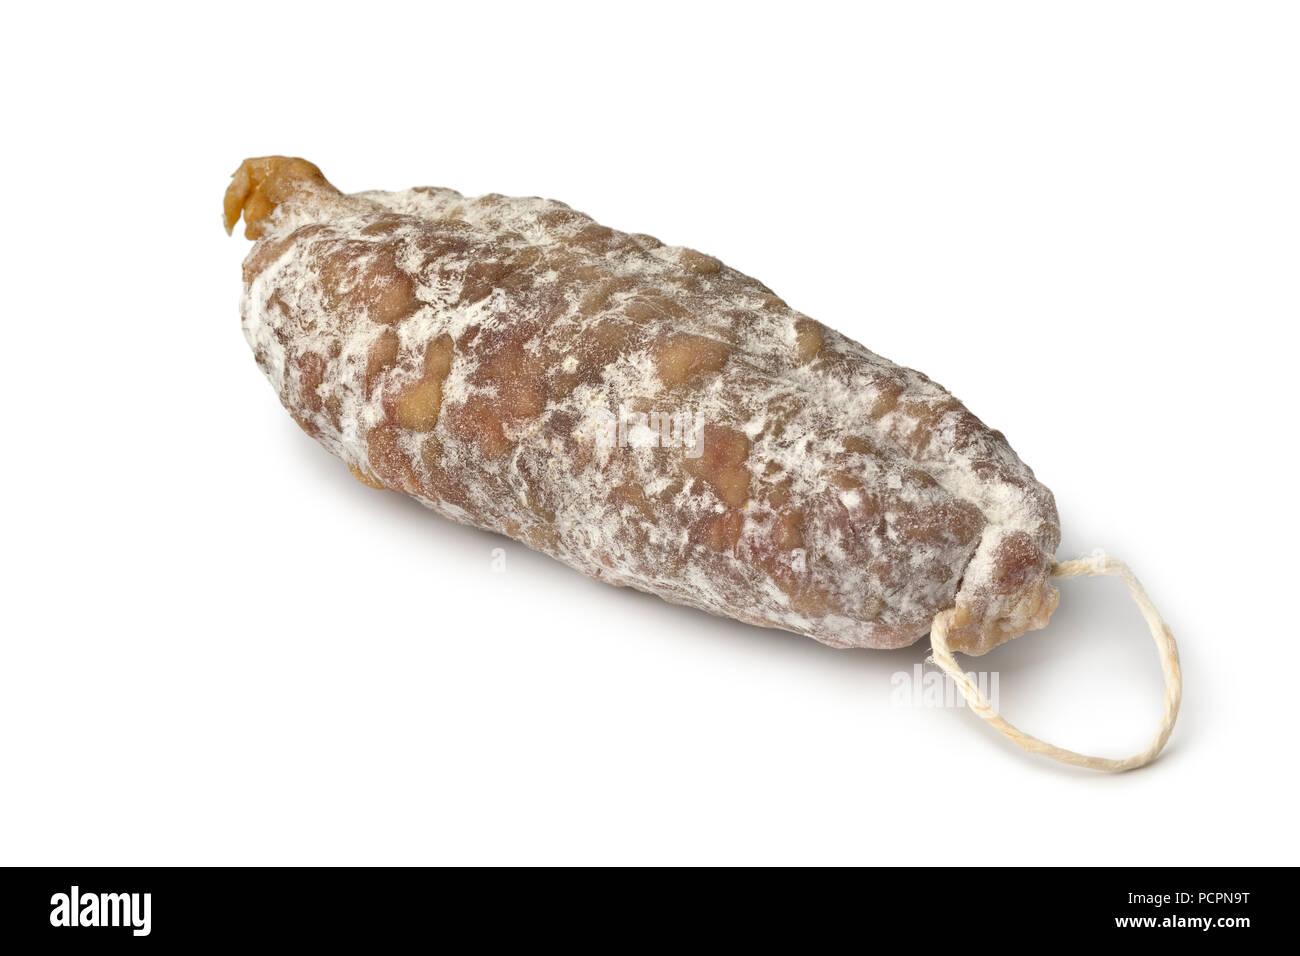 Saucisson sec français isolé sur fond blanc Photo Stock